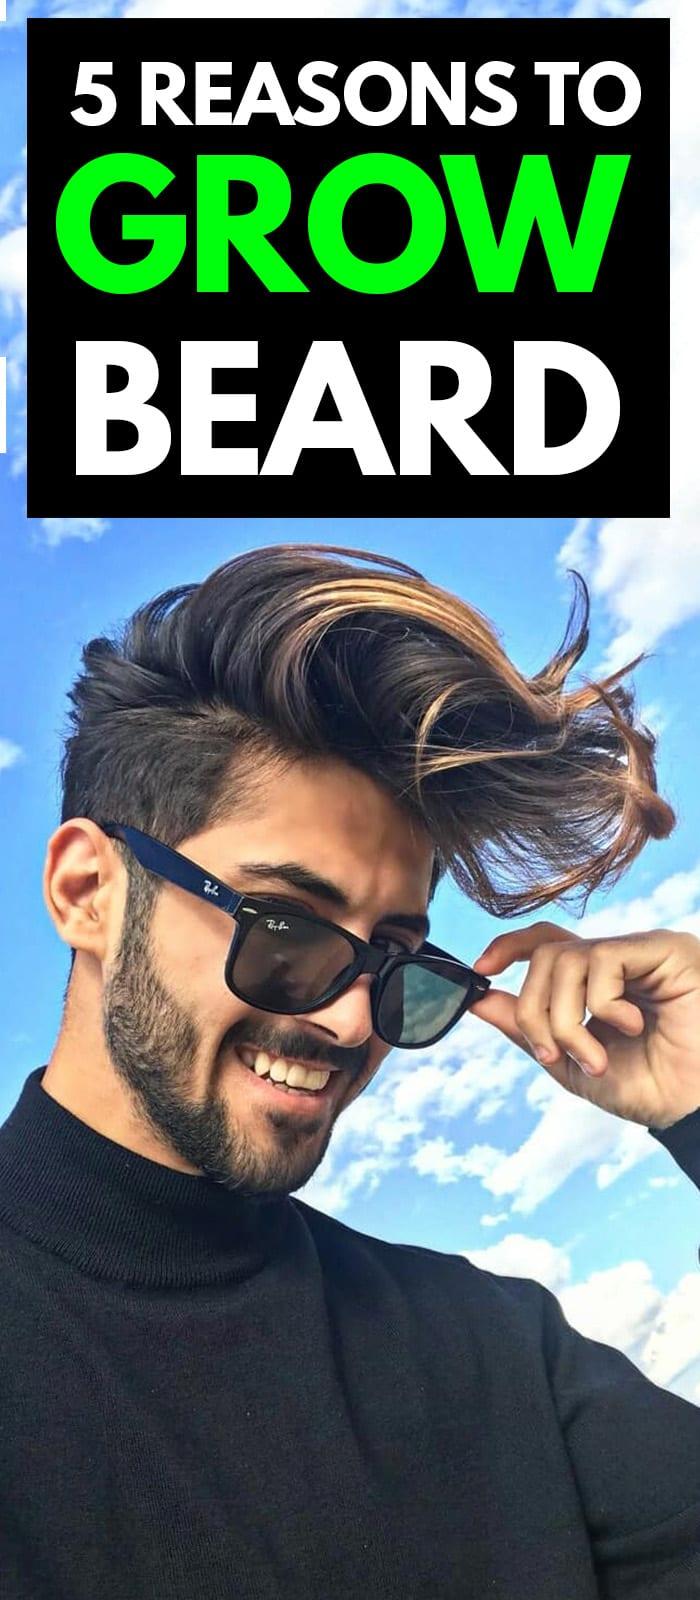 Reasons You Should Grow Beard